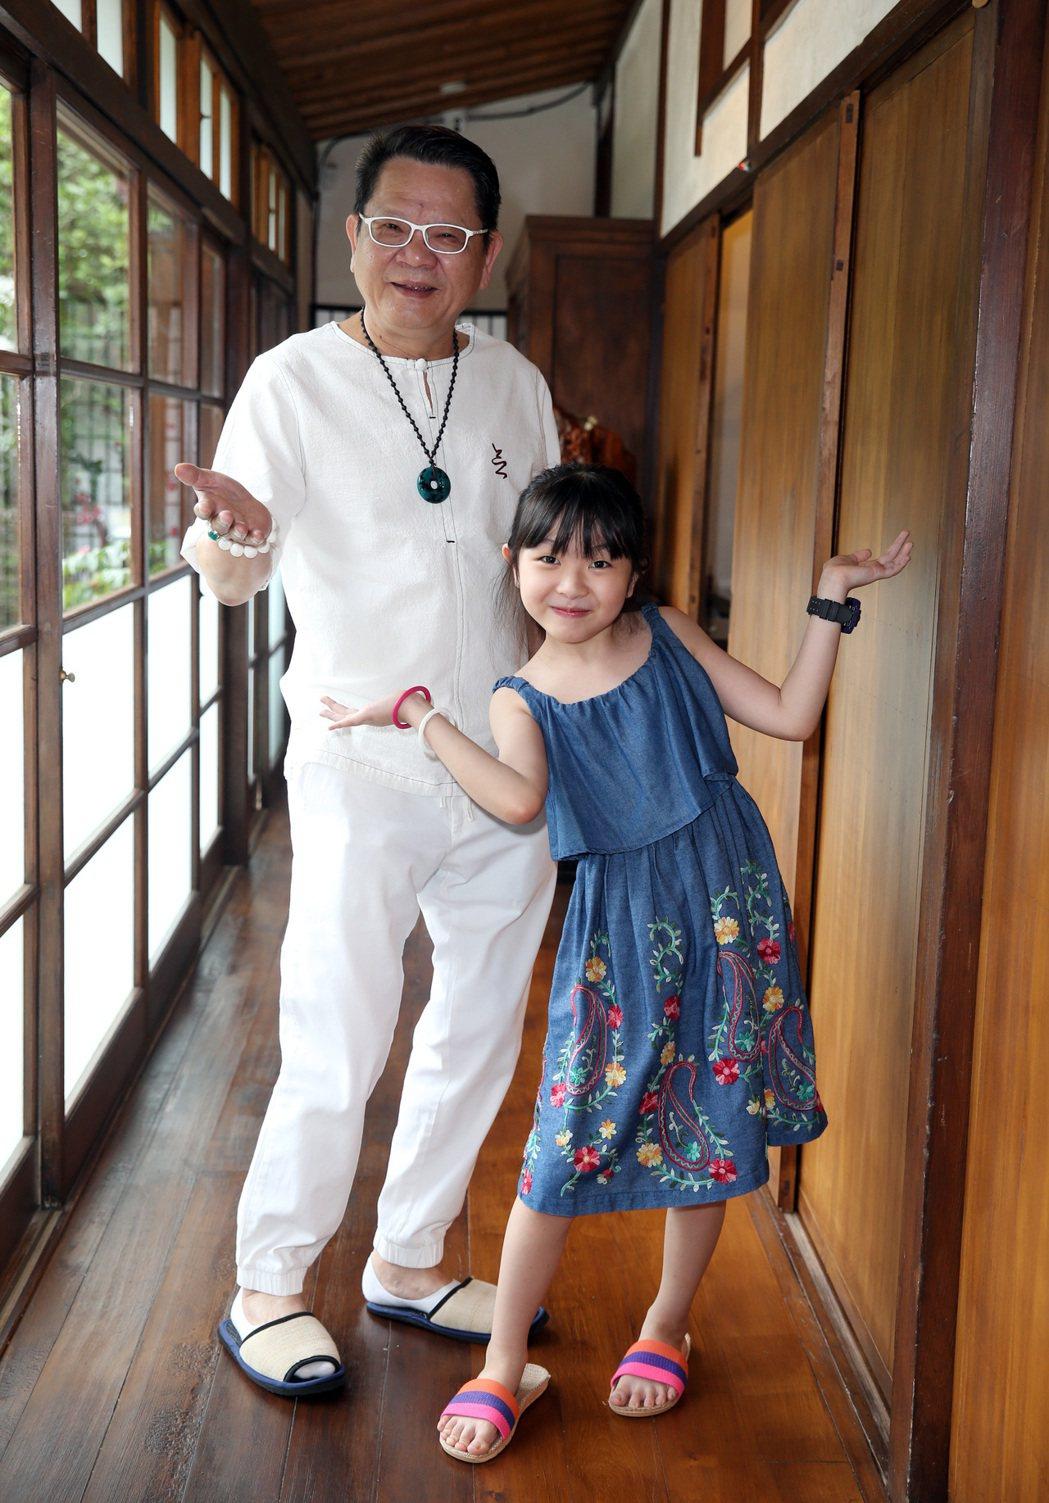 鄭進一相當疼愛8歲女兒。記者曾吉松/攝影